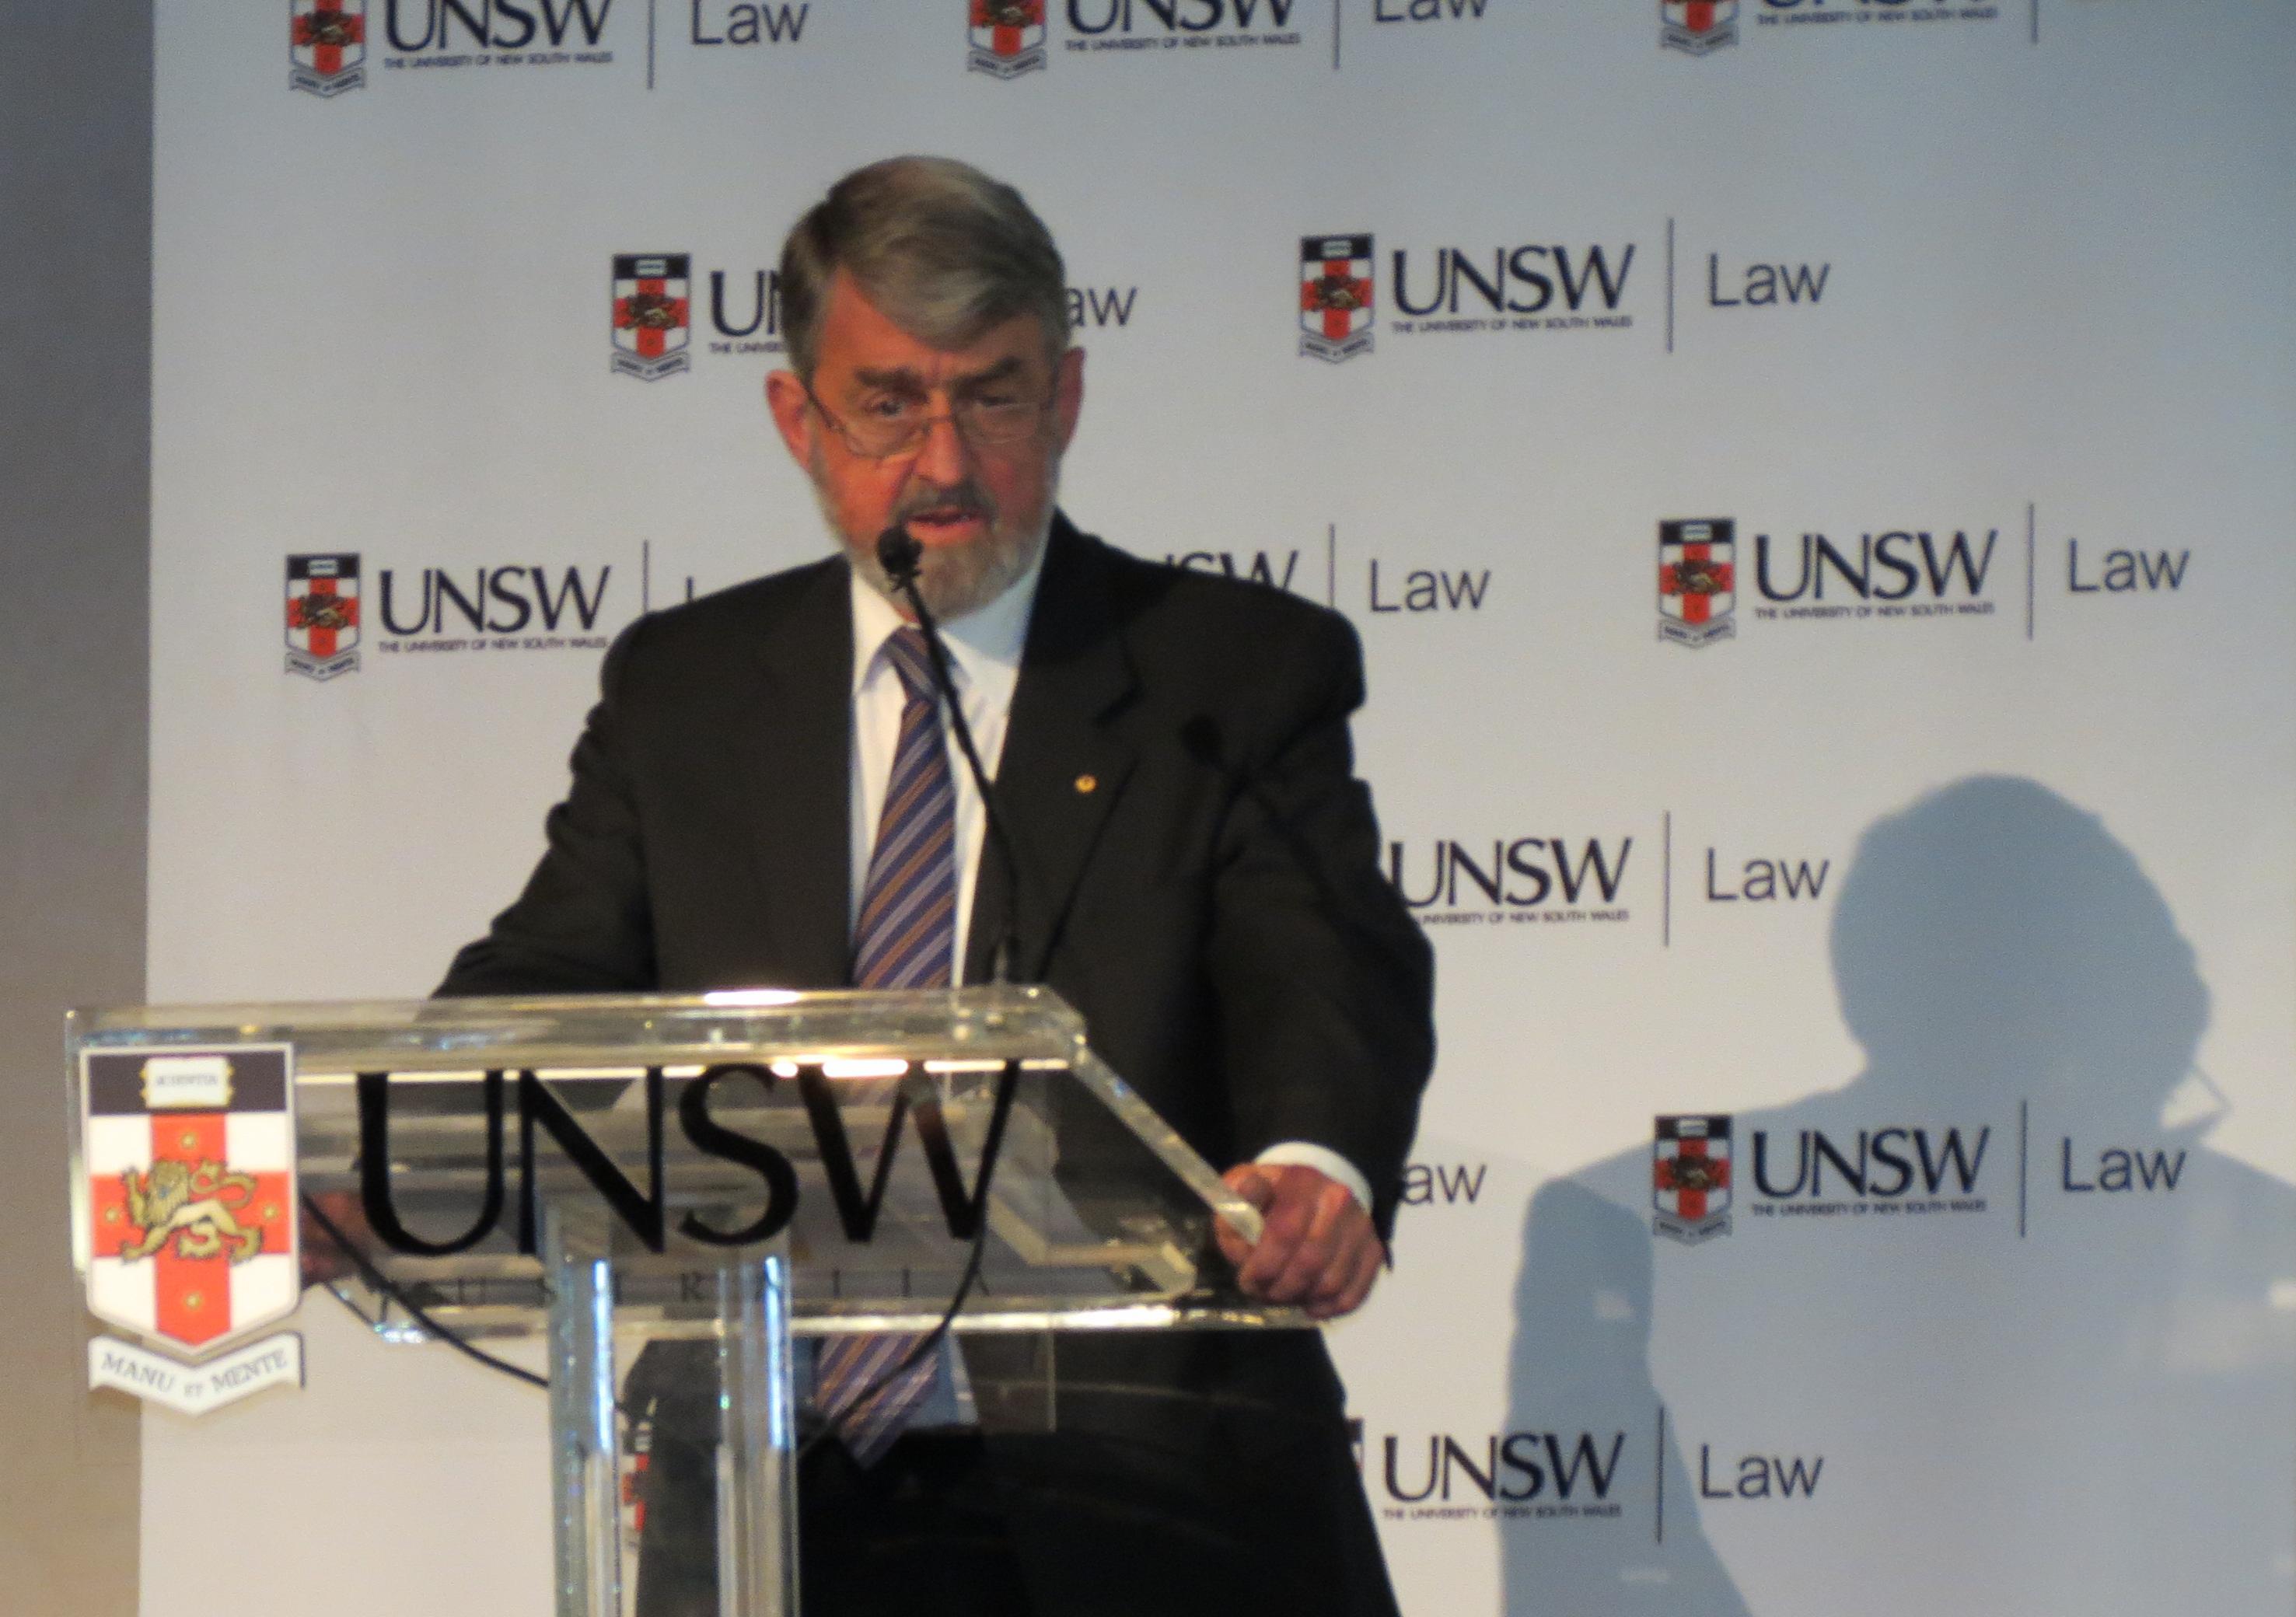 Former NSW Director of Public Prosecutions, Nicholas Cowdery QC